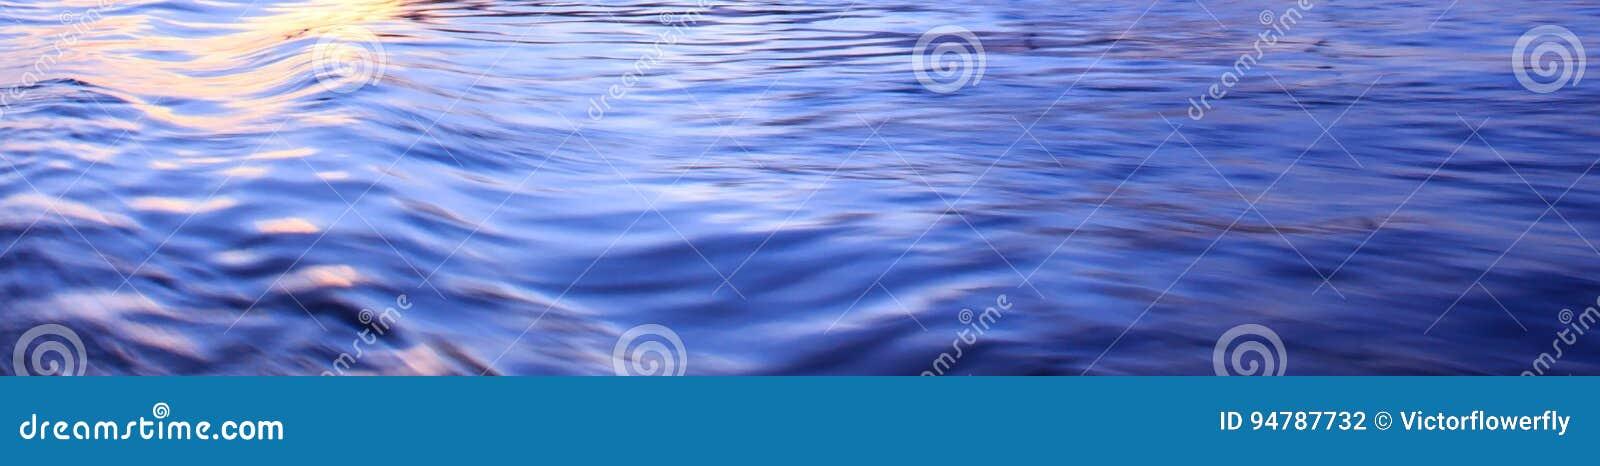 Helle Reflexion auf blauer Flusswelle plätschert Oberfläche Zusammenfassung, Ruhe, Romanze